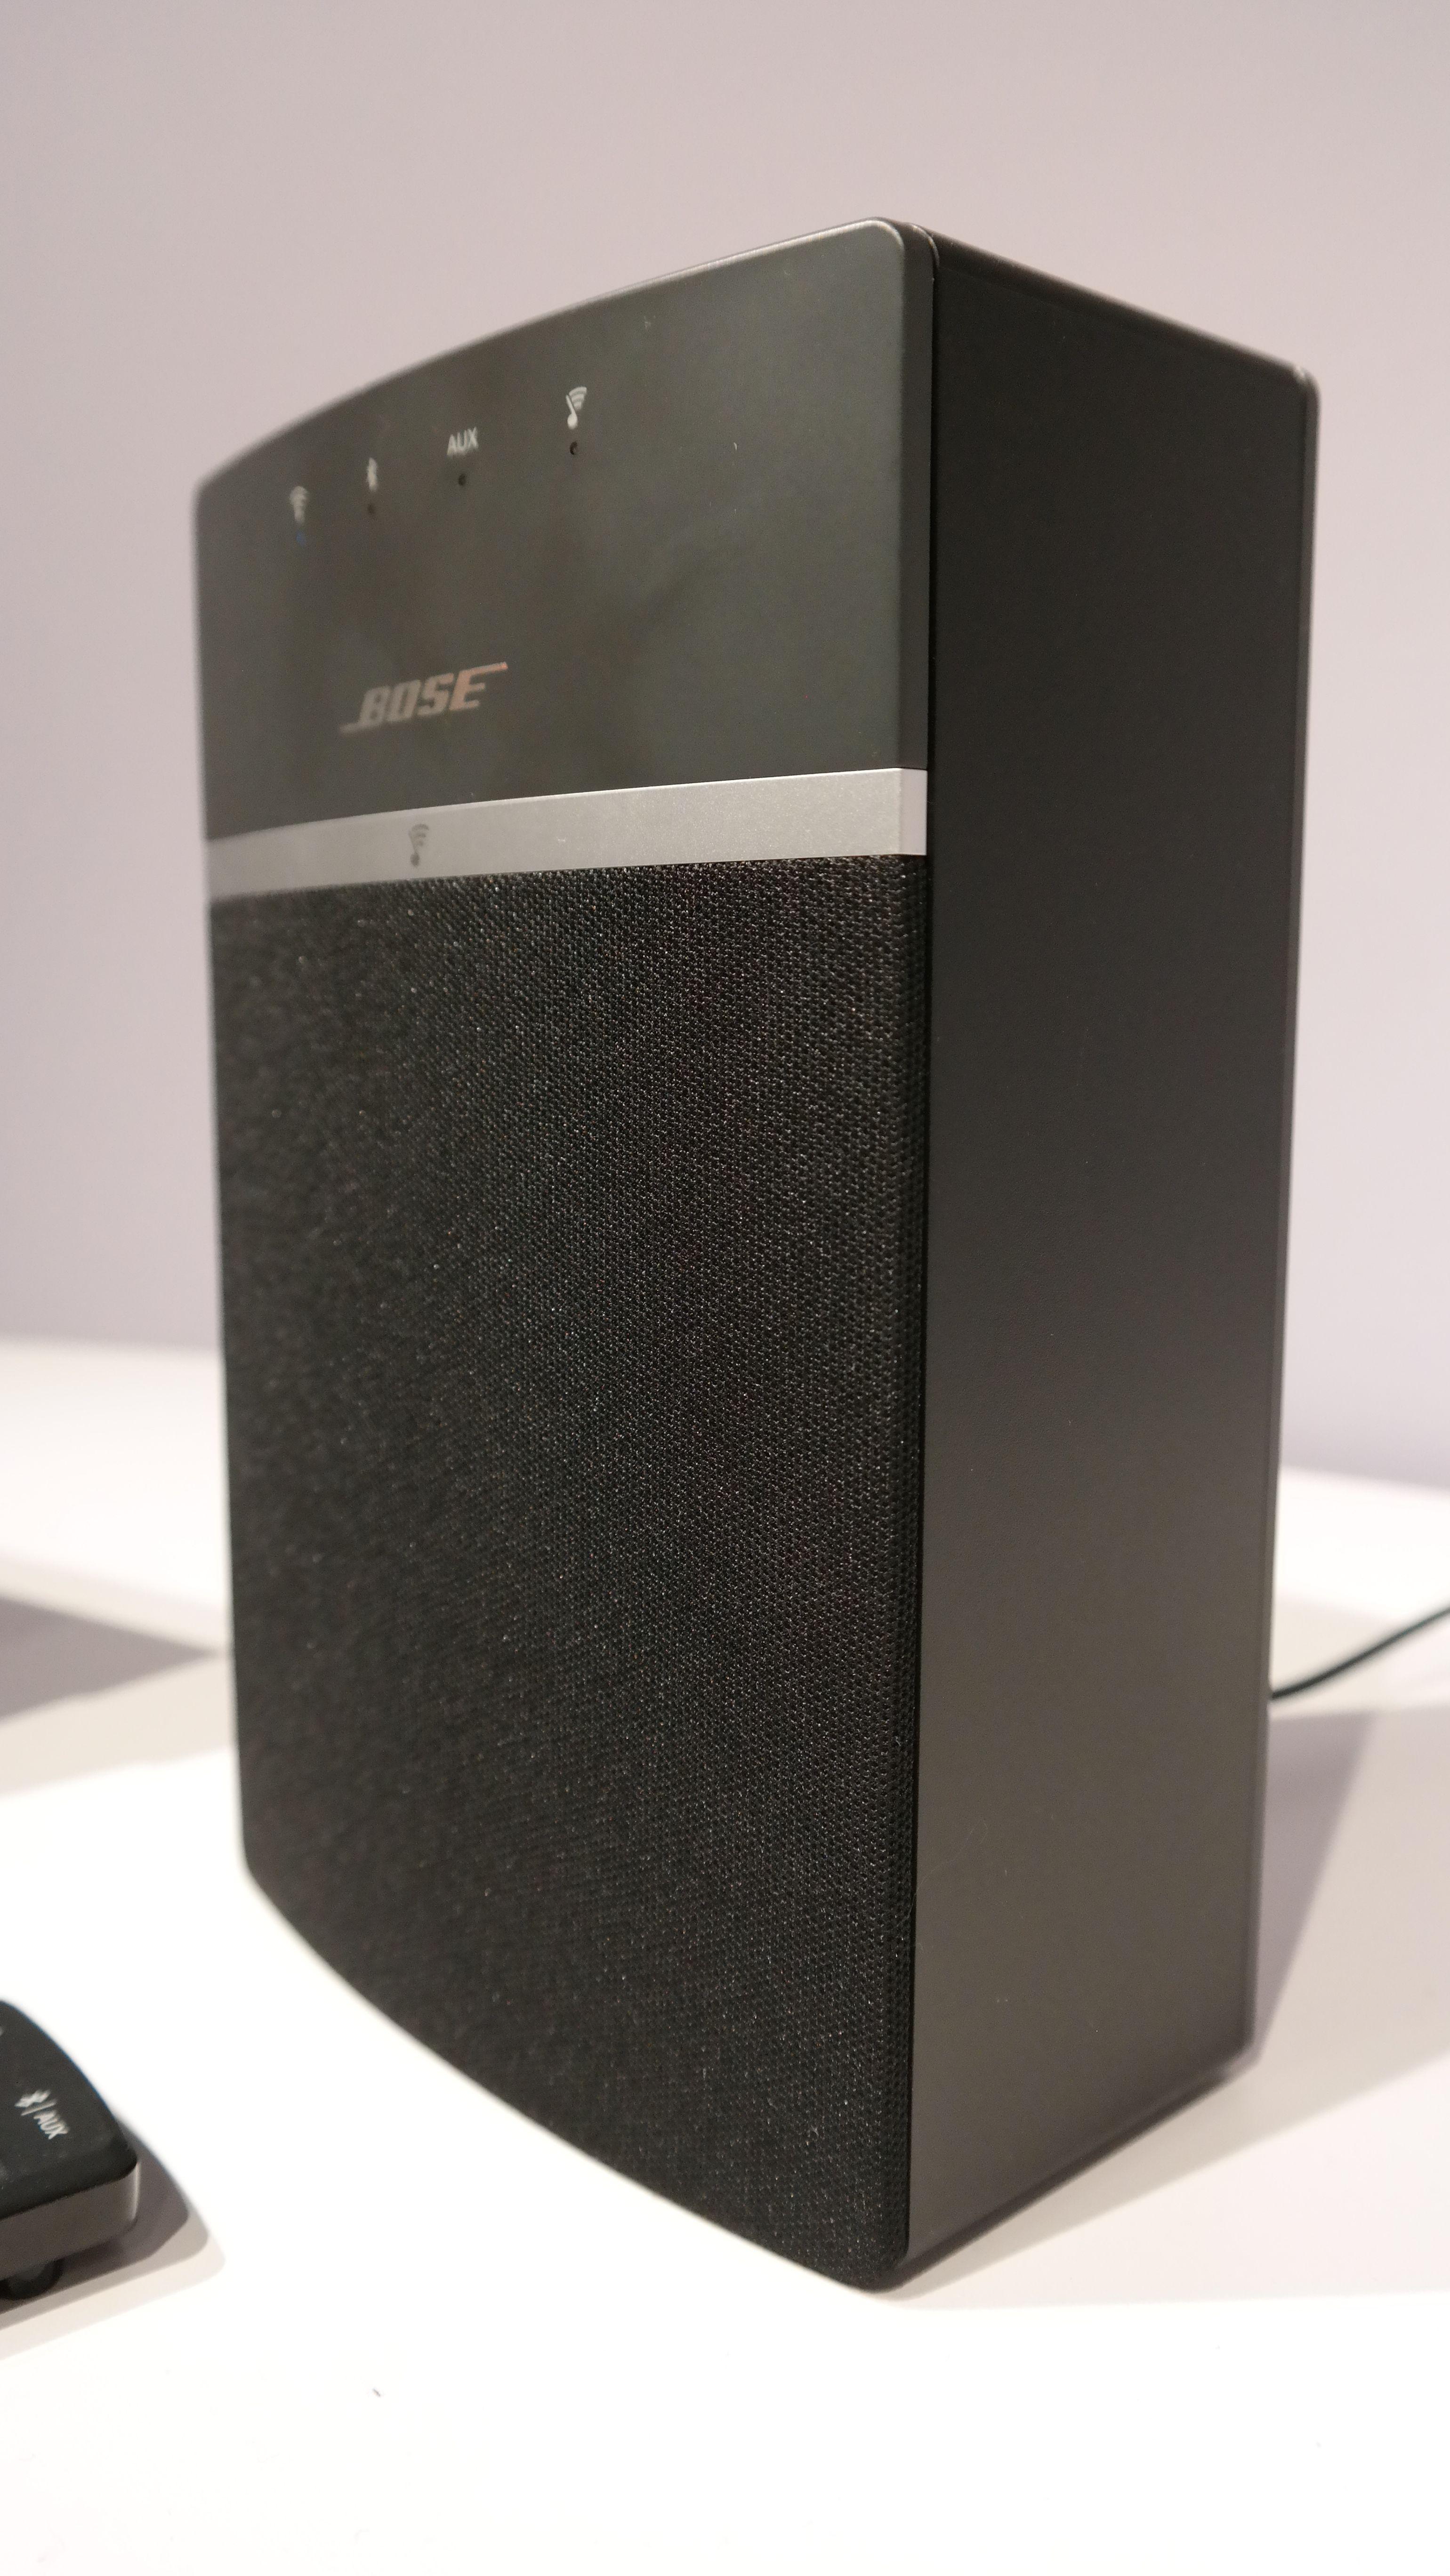 Høyttaleren finnes også i sort. Foto: Espen Irwing Swang, Tek.no